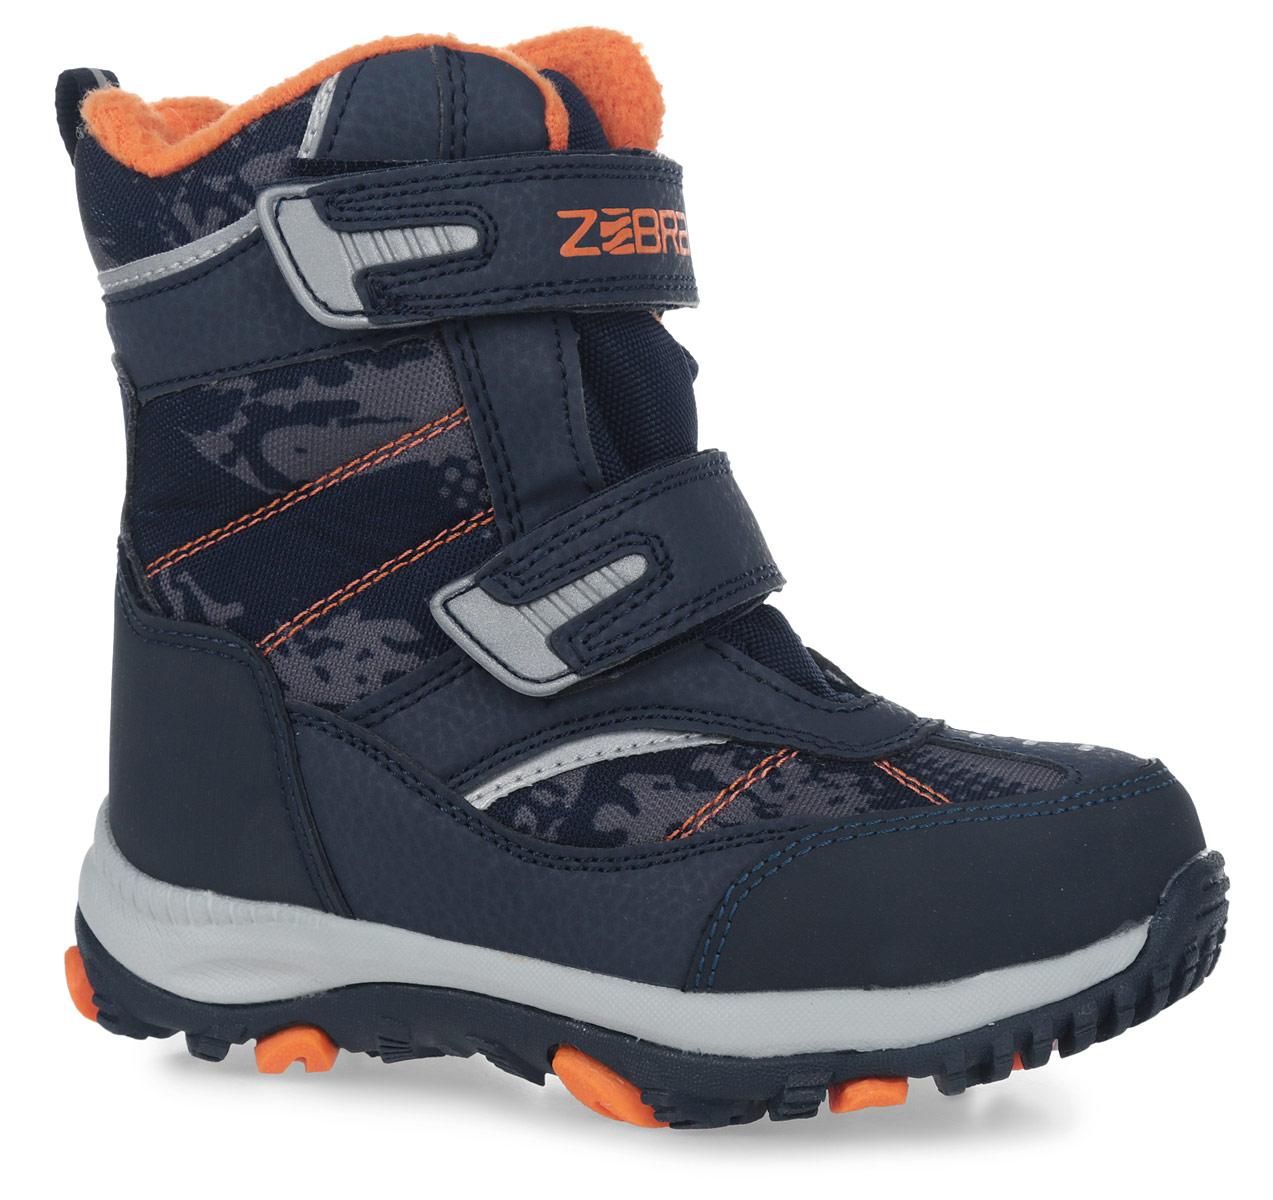 Полусапоги детские Зебра, цвет: синий. 11020-5. Размер 2811020-5Полусапоги от Зебра выполнены из искусственной кожи и текстиля. Застежки-липучки надежно фиксируют изделие на ноге. Мягкая подкладка и стелька из шерсти обеспечивают тепло, циркуляцию воздуха и сохраняют комфортный микроклимат в обуви.